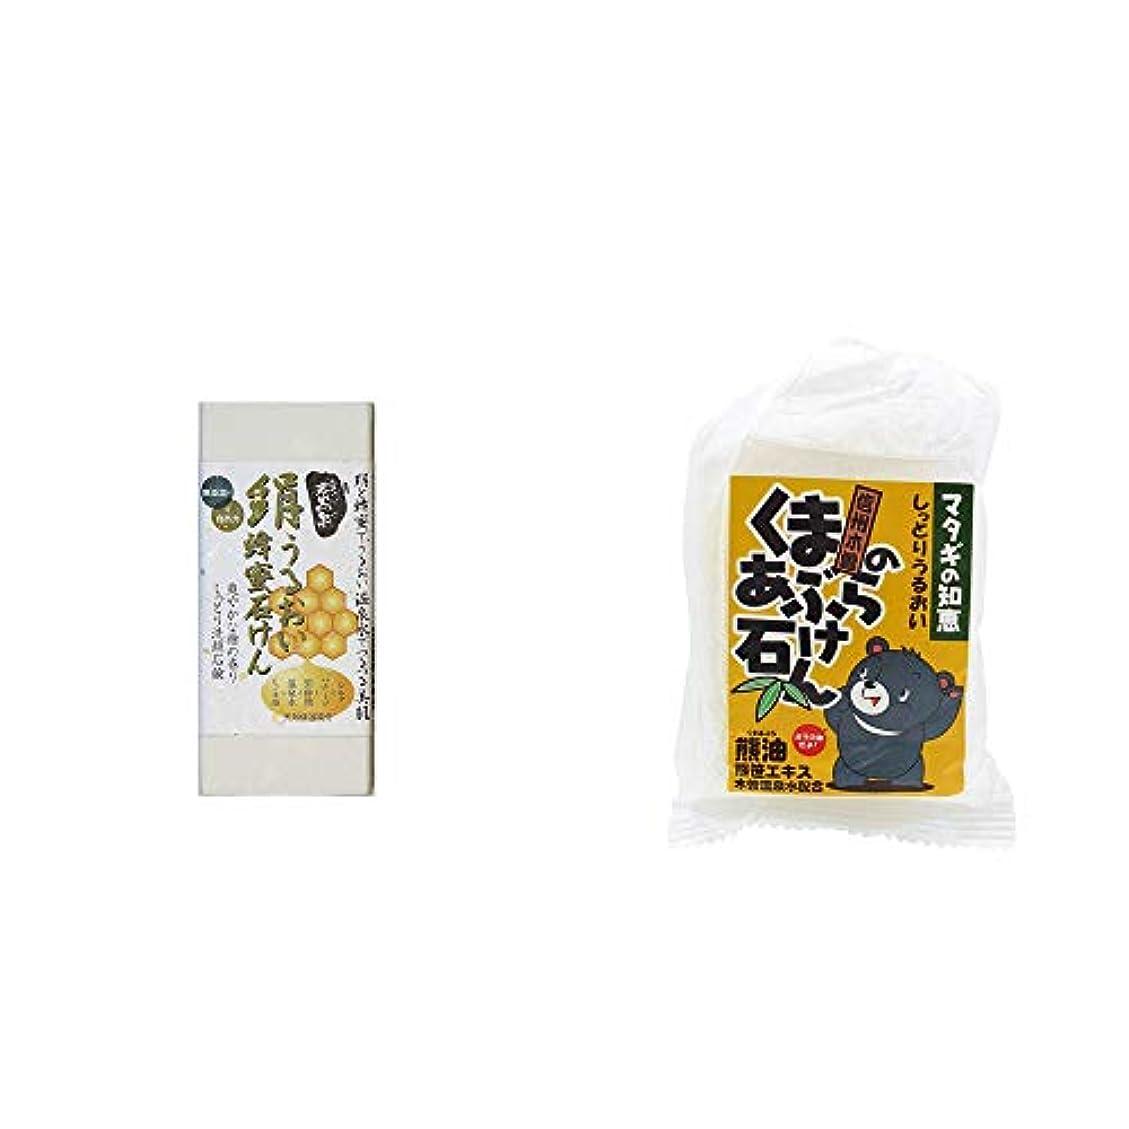 涙切る性的[2点セット] ひのき炭黒泉 絹うるおい蜂蜜石けん(75g×2)?信州木曽 くまのあぶら石けん(80g)